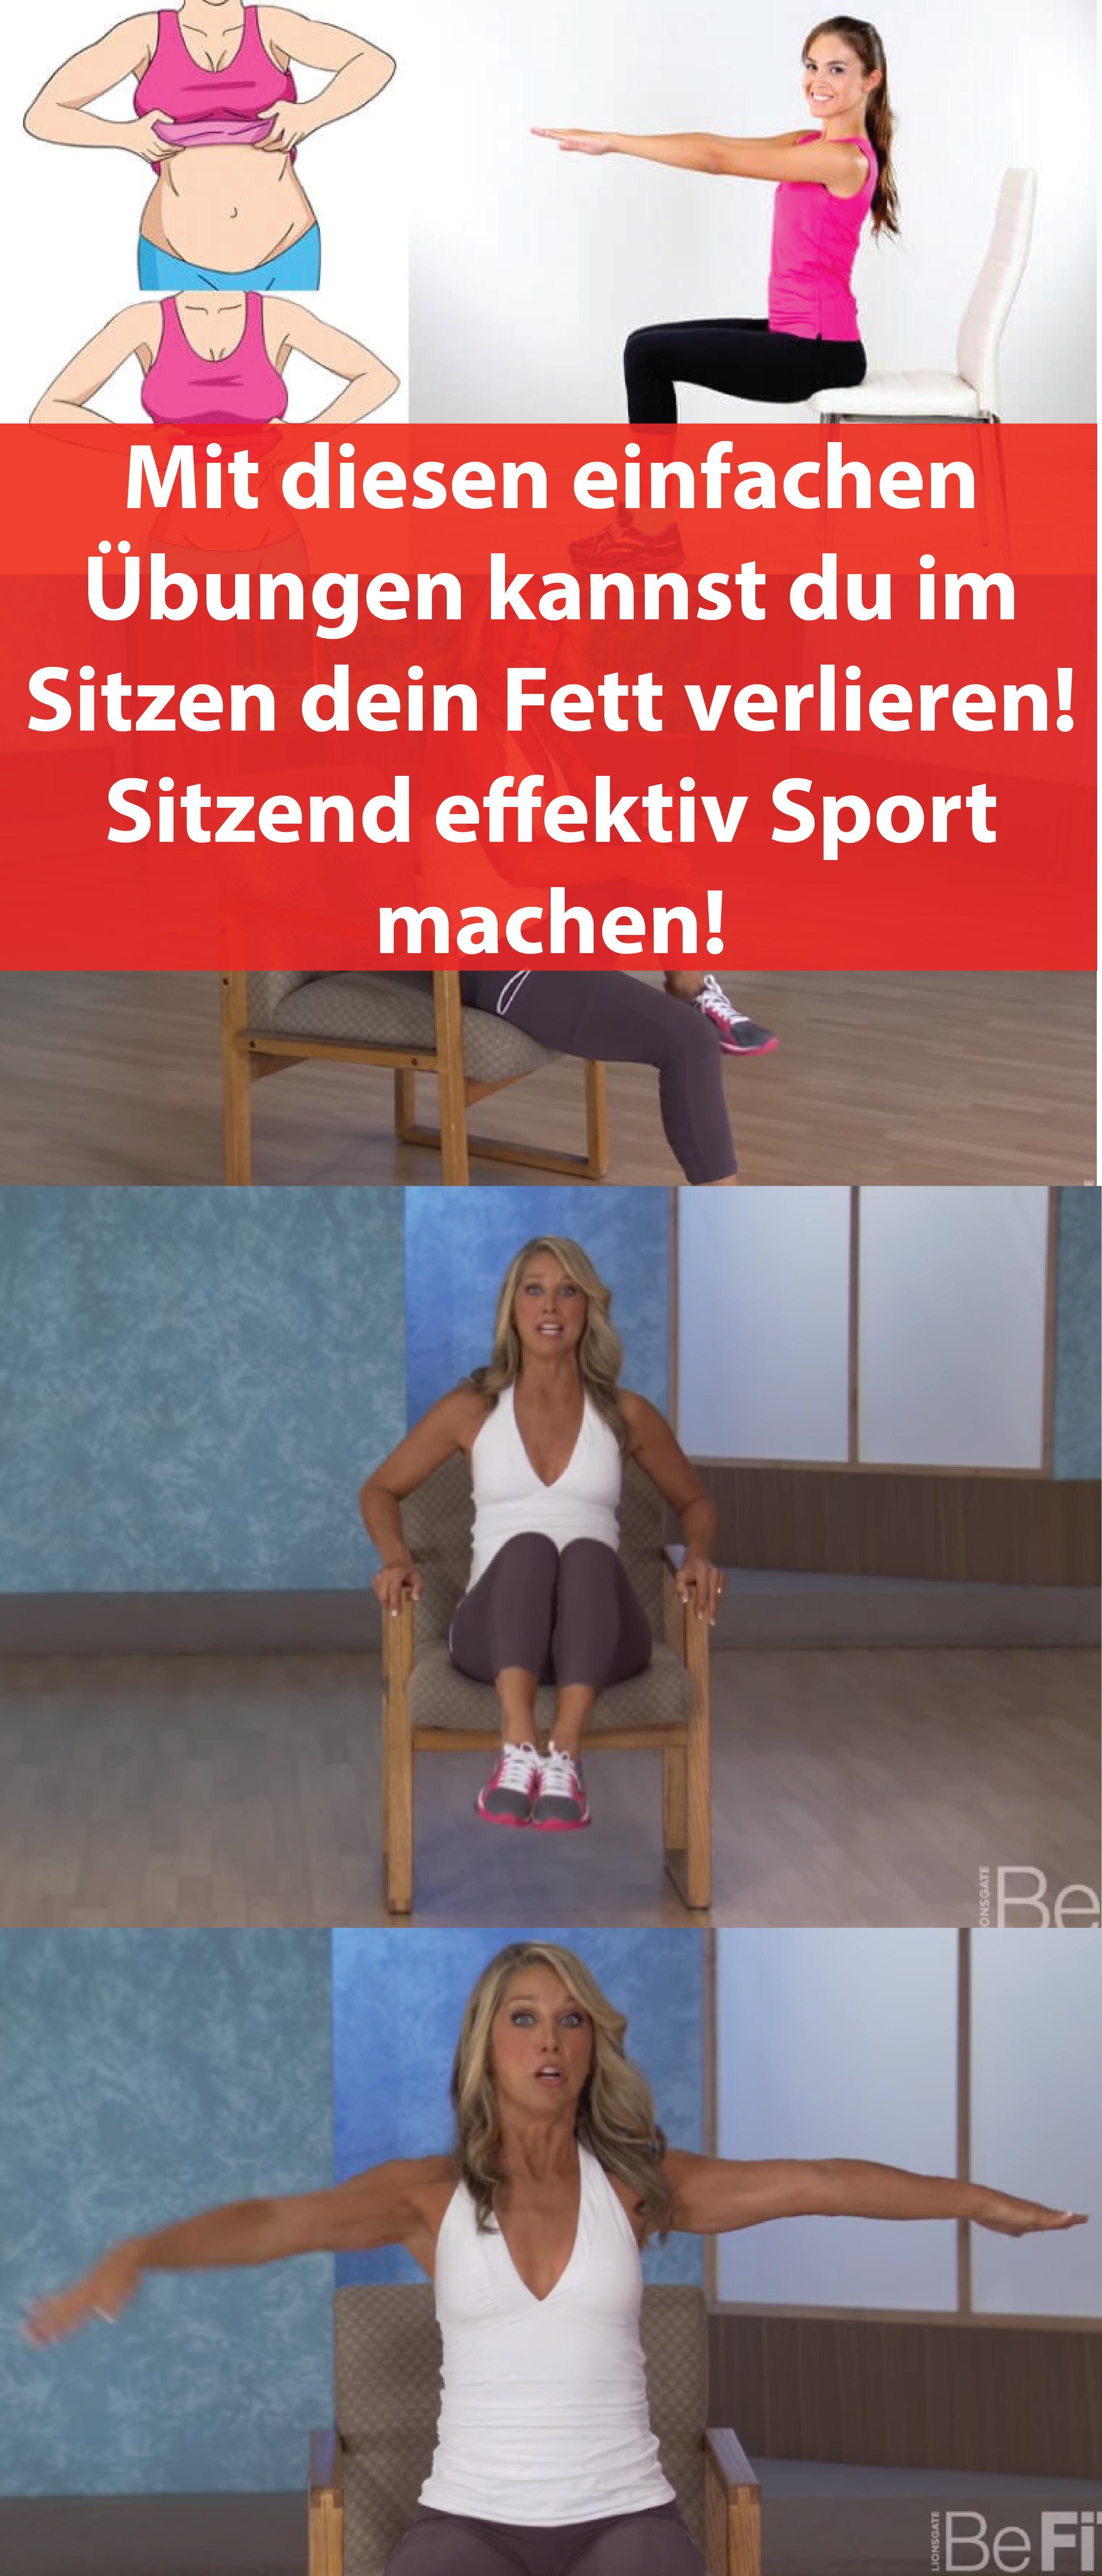 Du möchtest gerne am Bauch abnehmen? Mit diesen einfachen Übungen kannst du im Sitzen dein Fett verlieren! Sitzend effektiv Sport machen!